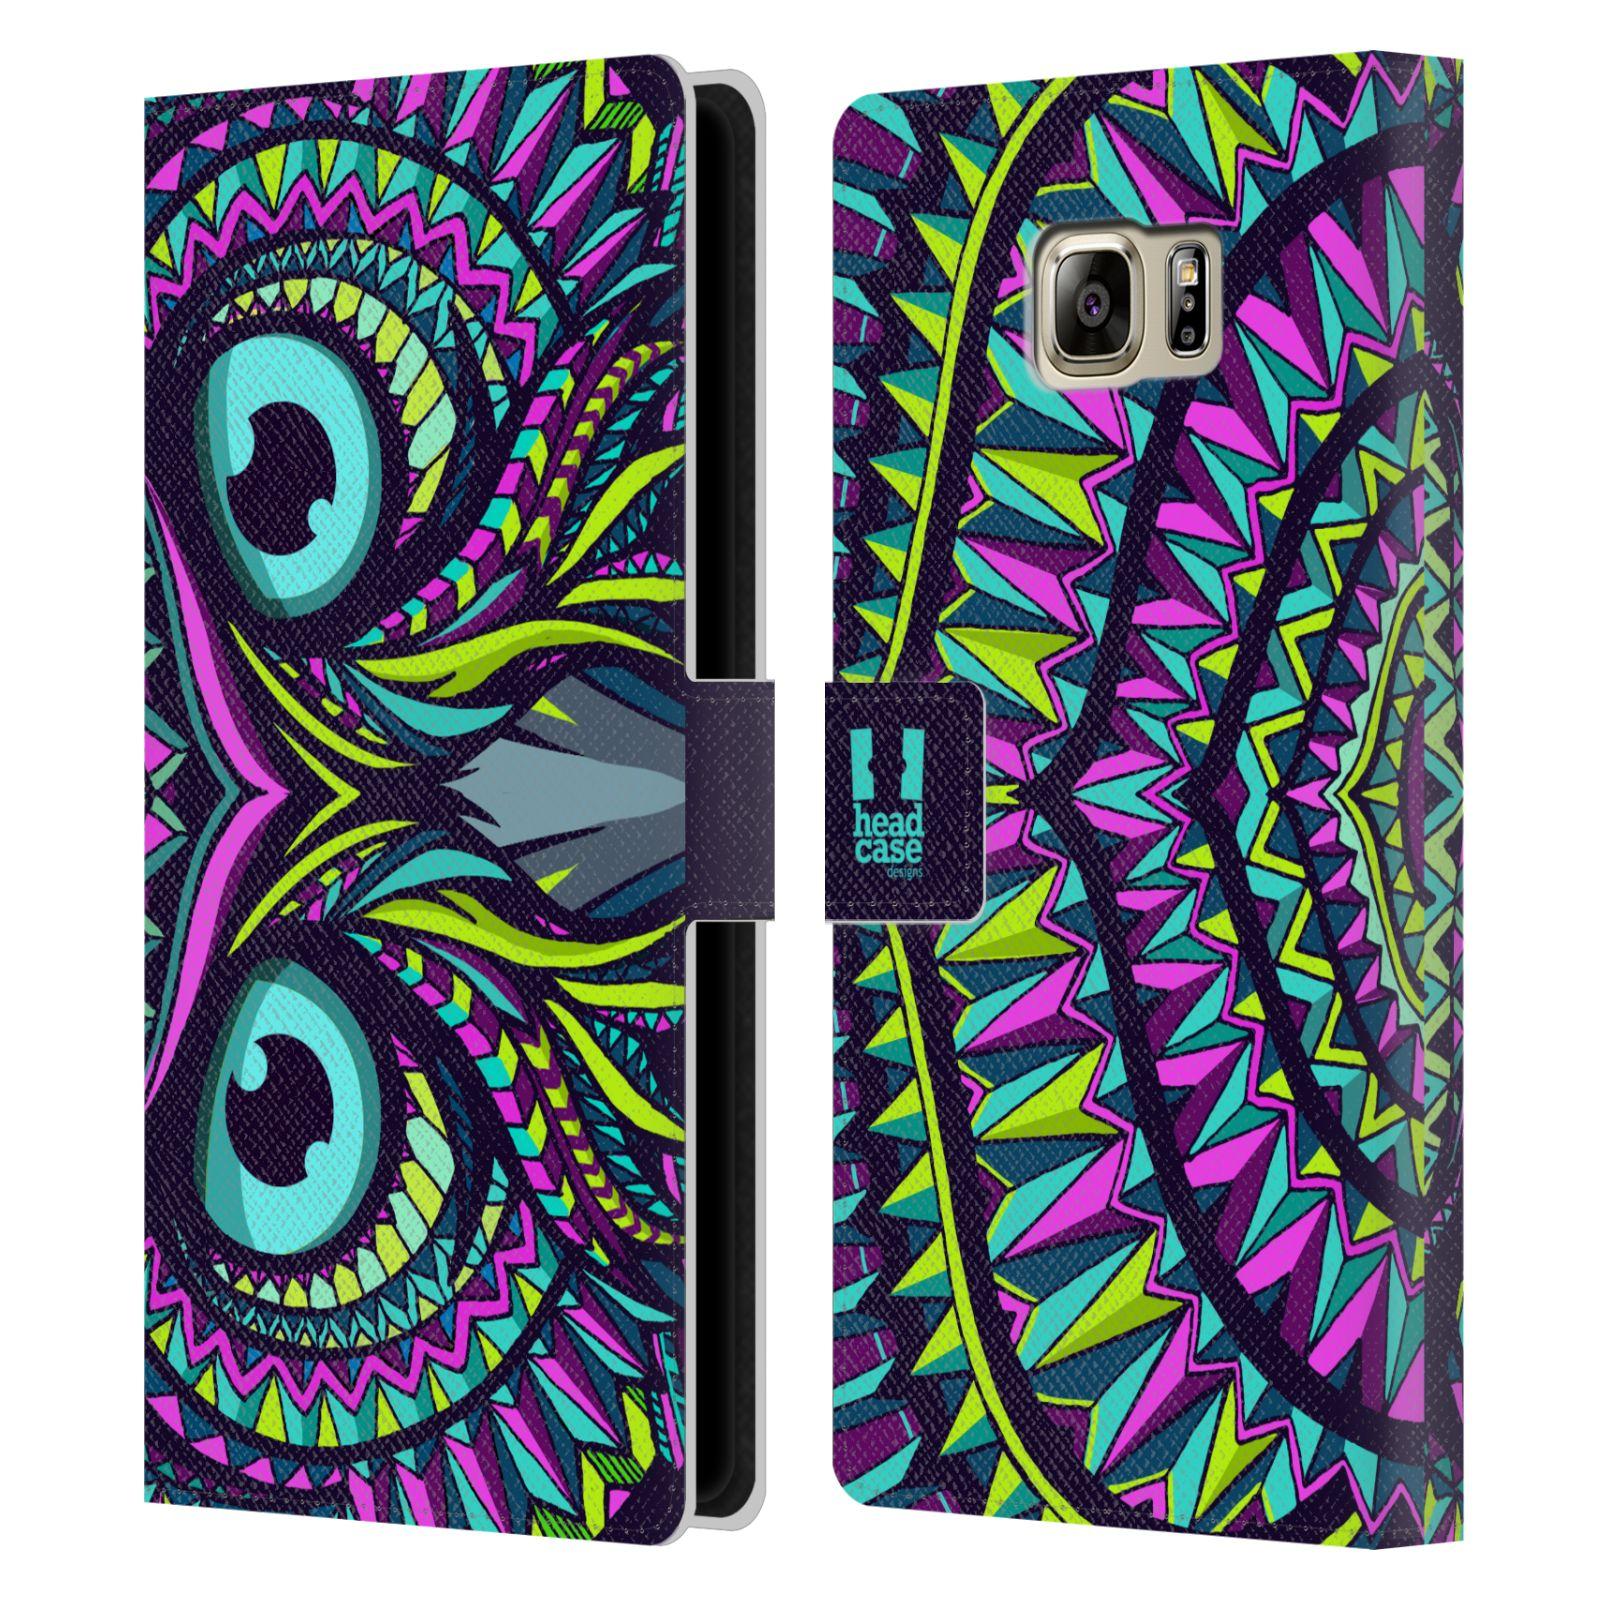 Pouzdro na mobil Samsung Galaxy NOTE 5 - Head Case - Aztécký vzor sova